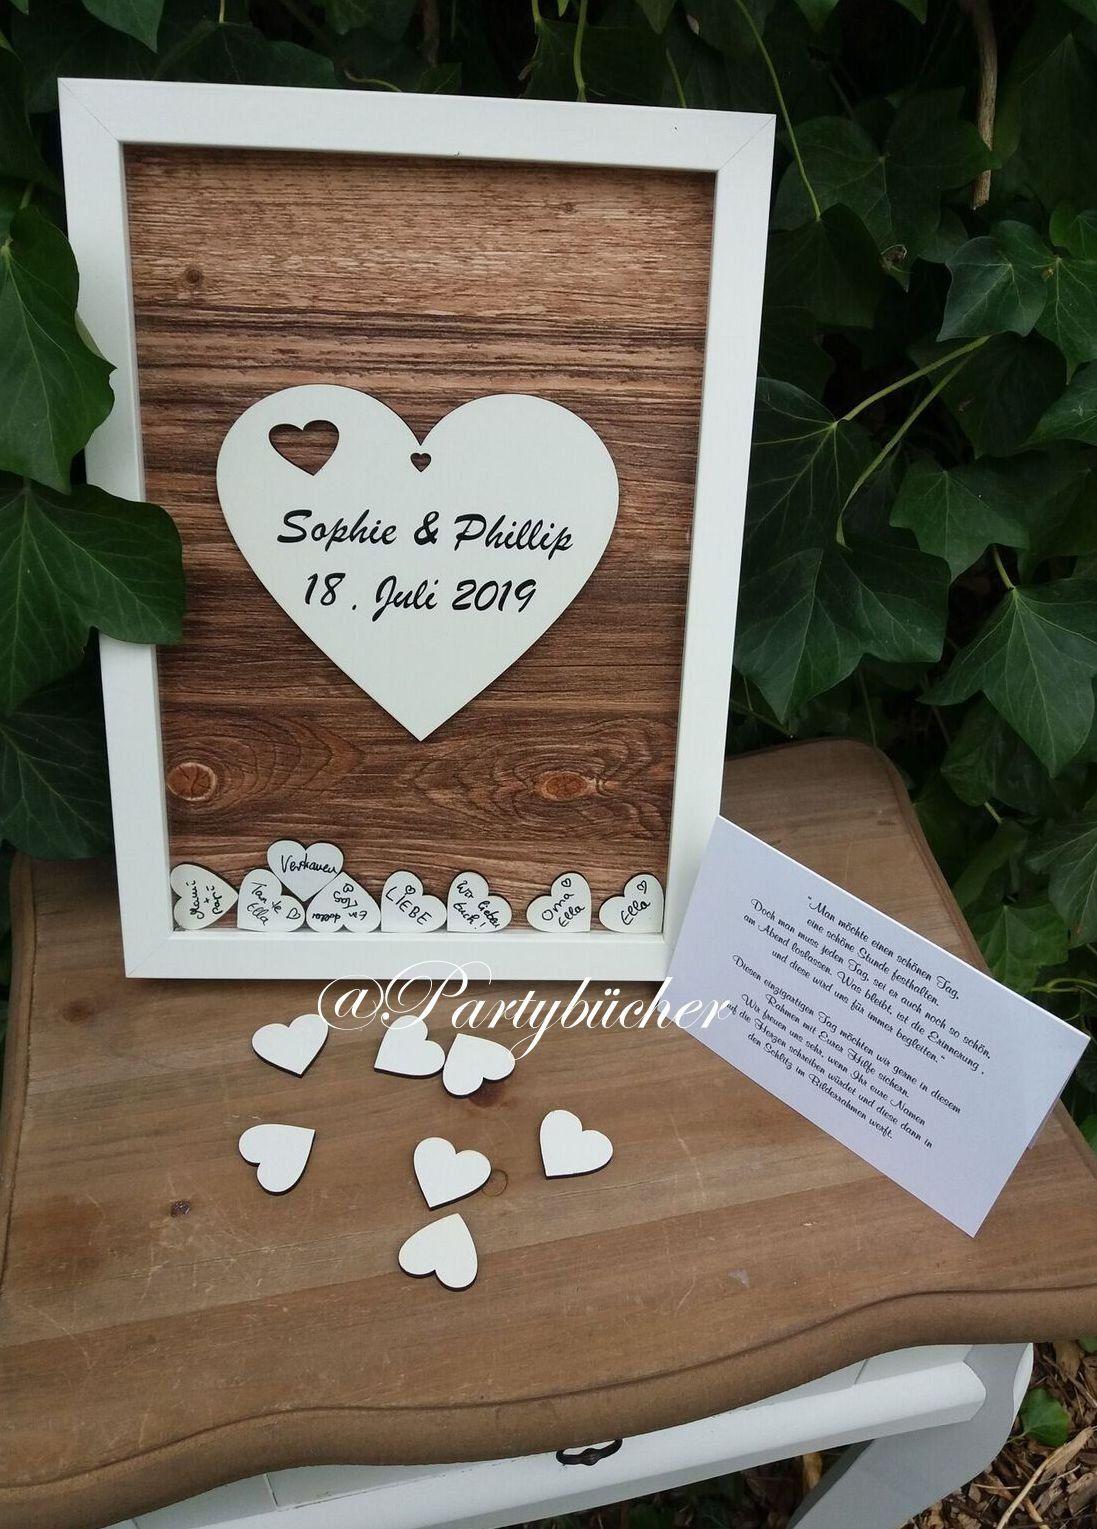 25 Holzerne Hochzeit Tischkarten Holz Zu Begleiten Karten Rustikalen Tisch Tischkarten Hochzeit Wedding Gifts For Guests Wedding Place Cards Wooden Wedding